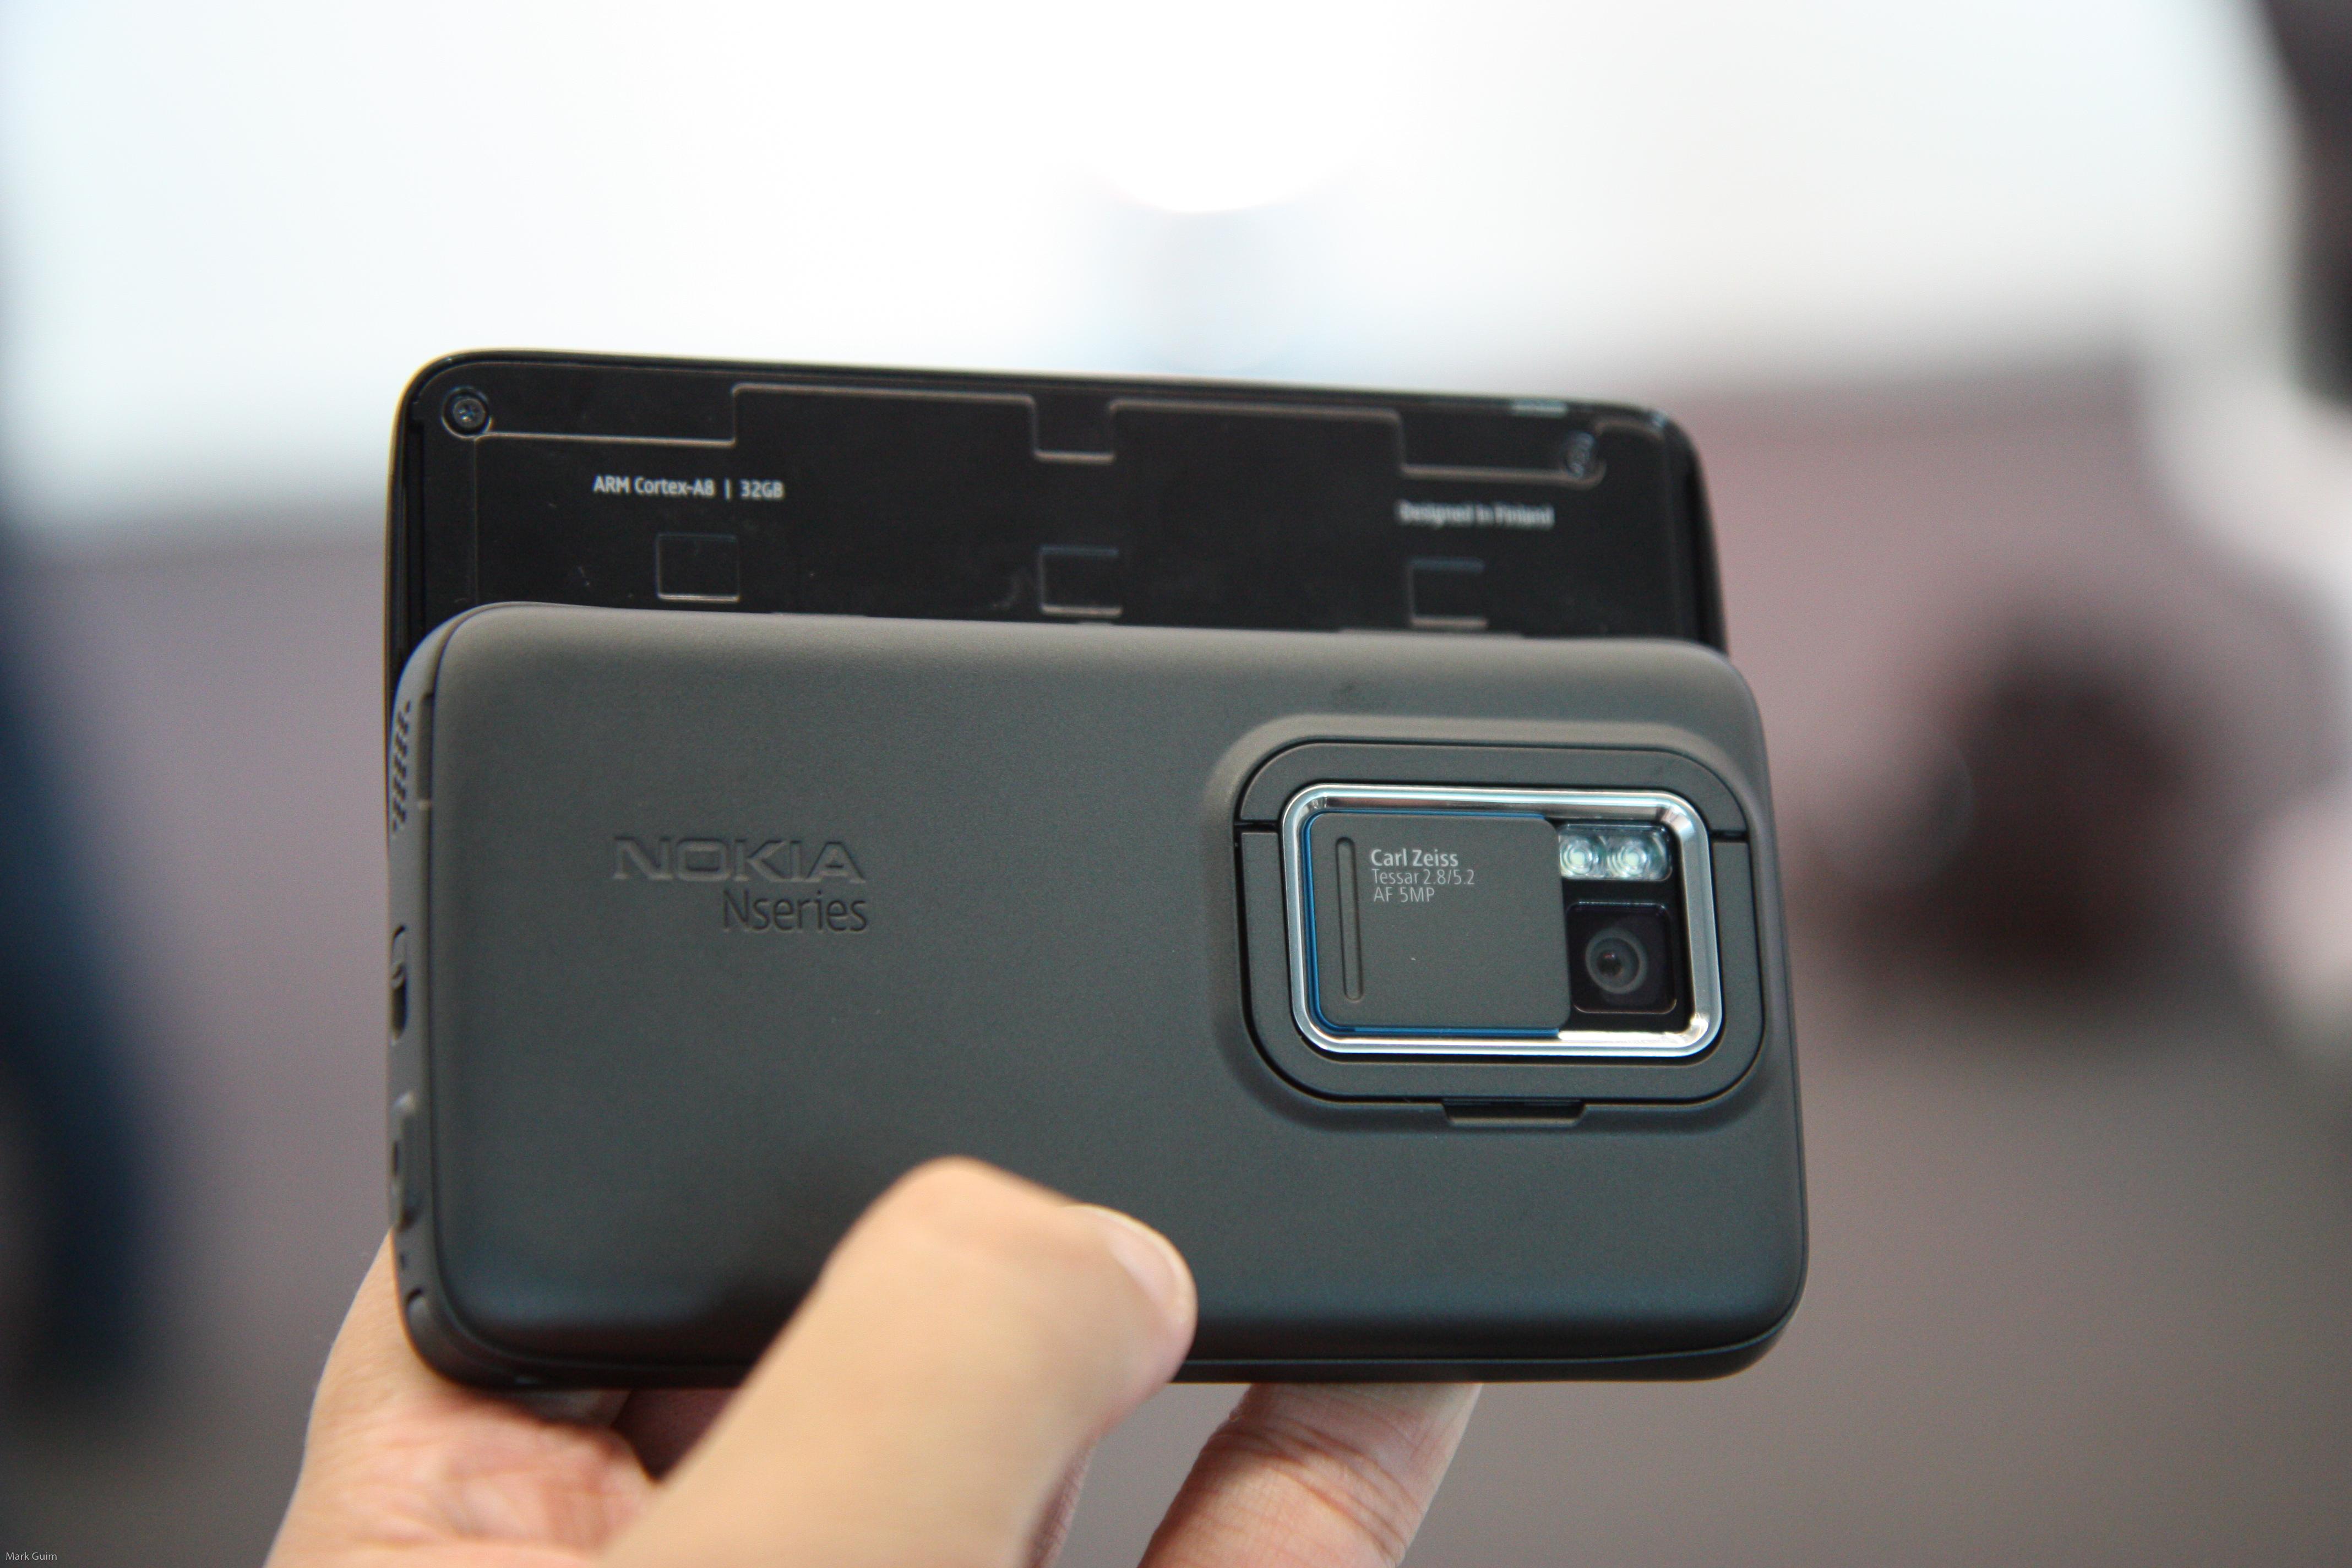 Мобильный телефон Nokia N900.  Описание, обзор  и характеристики  мобильного  телефона Nokia N900.